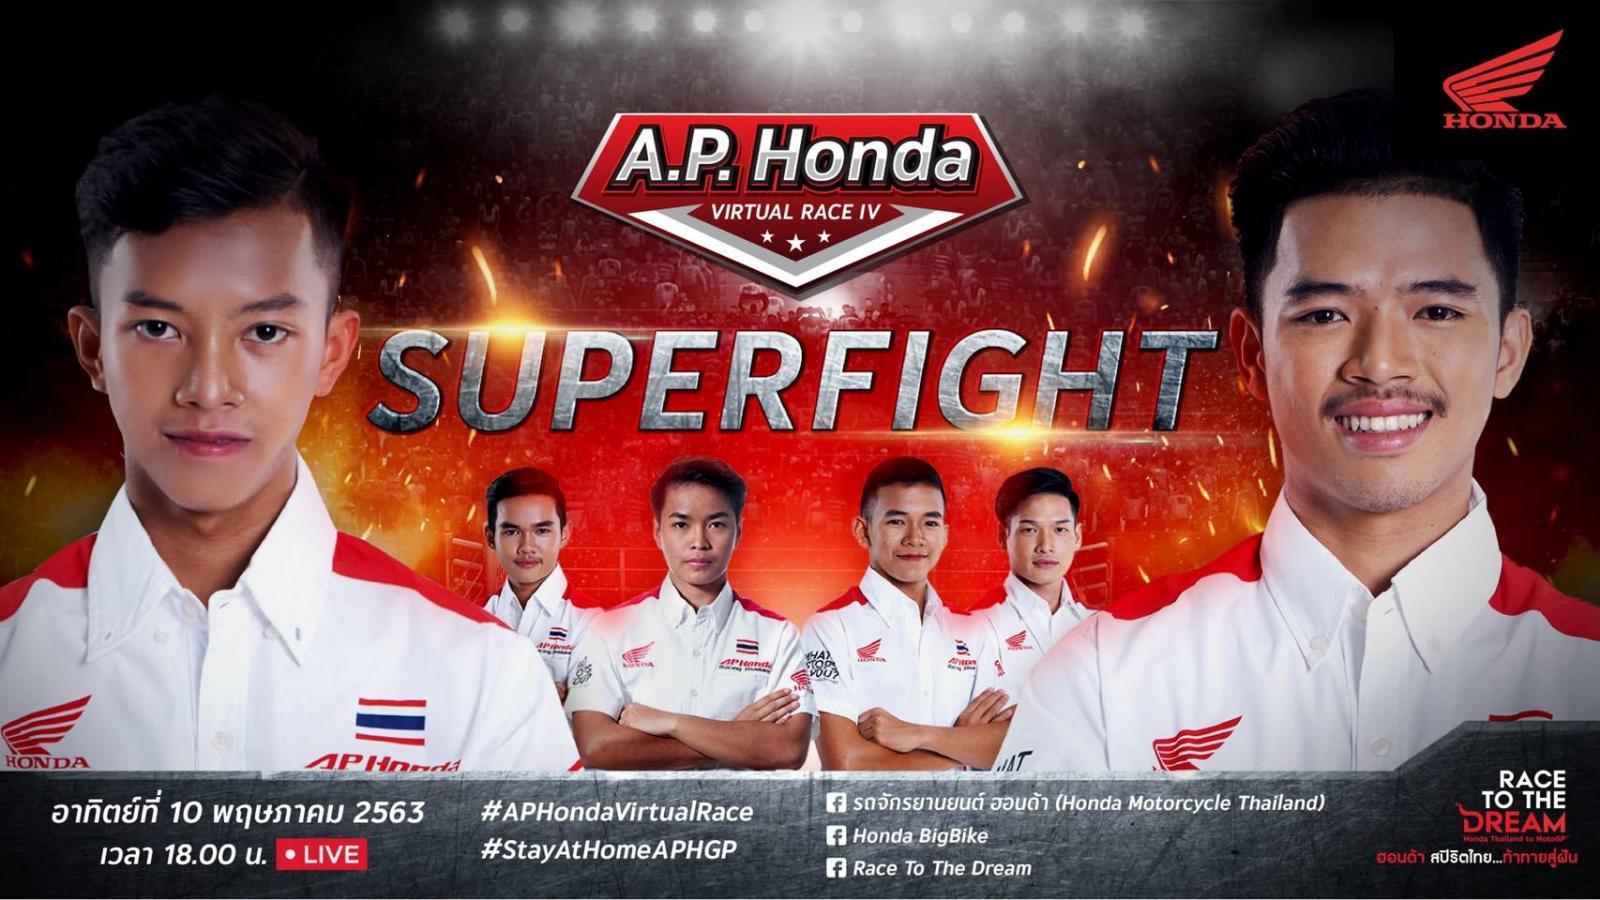 """ศึกซูเปอร์ไฟต์ตัดสินแชมป์! """"ก้อง"""" VS """"ก๊องส์"""" ดวลเดือด A.P. Honda Virtual Race สนาม 4 อาทิตย์ที่ 10 พ.ค.นี้"""